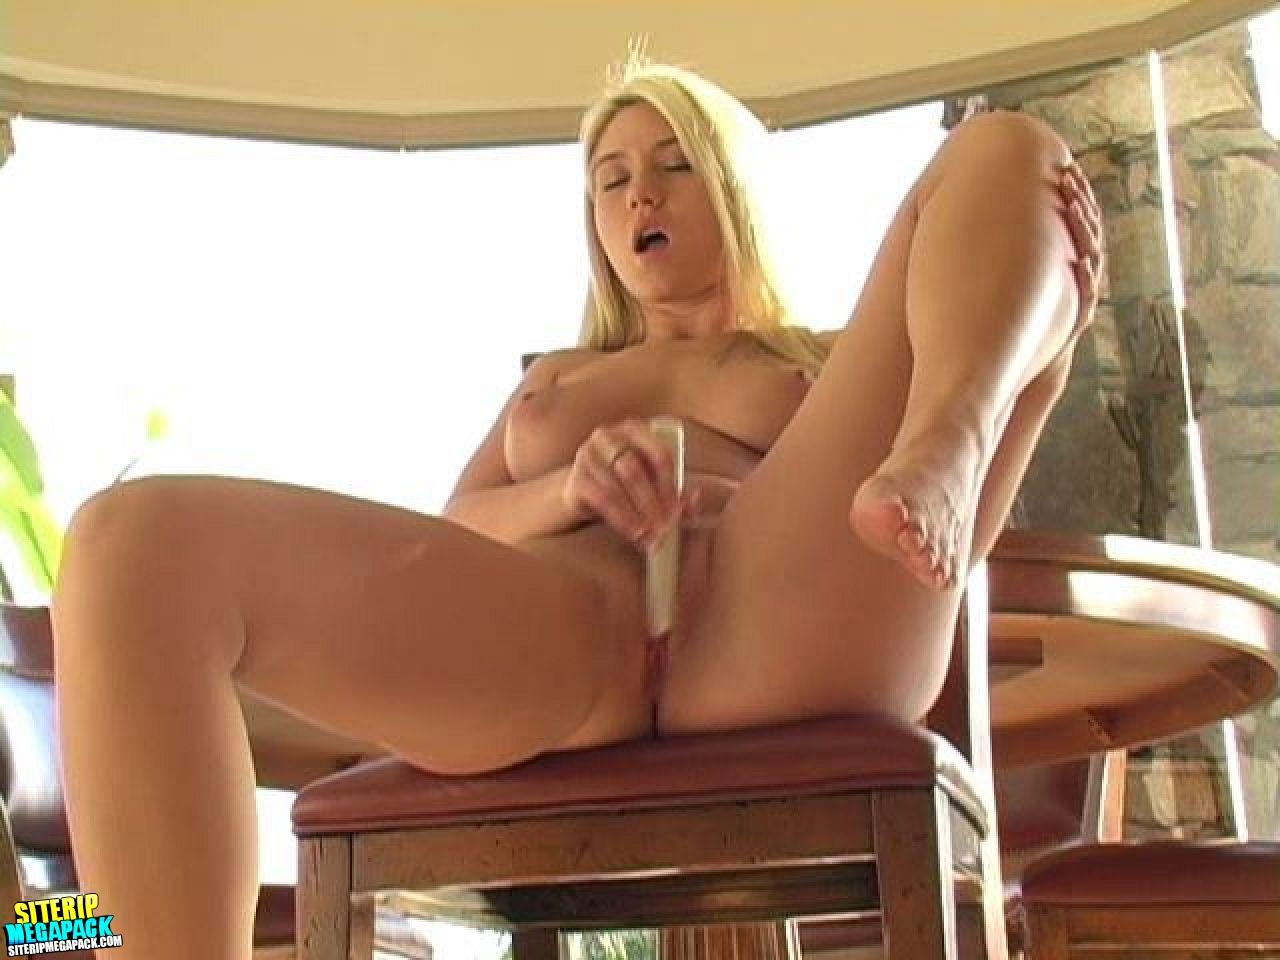 Элис ангел мастурбирование 5 фотография